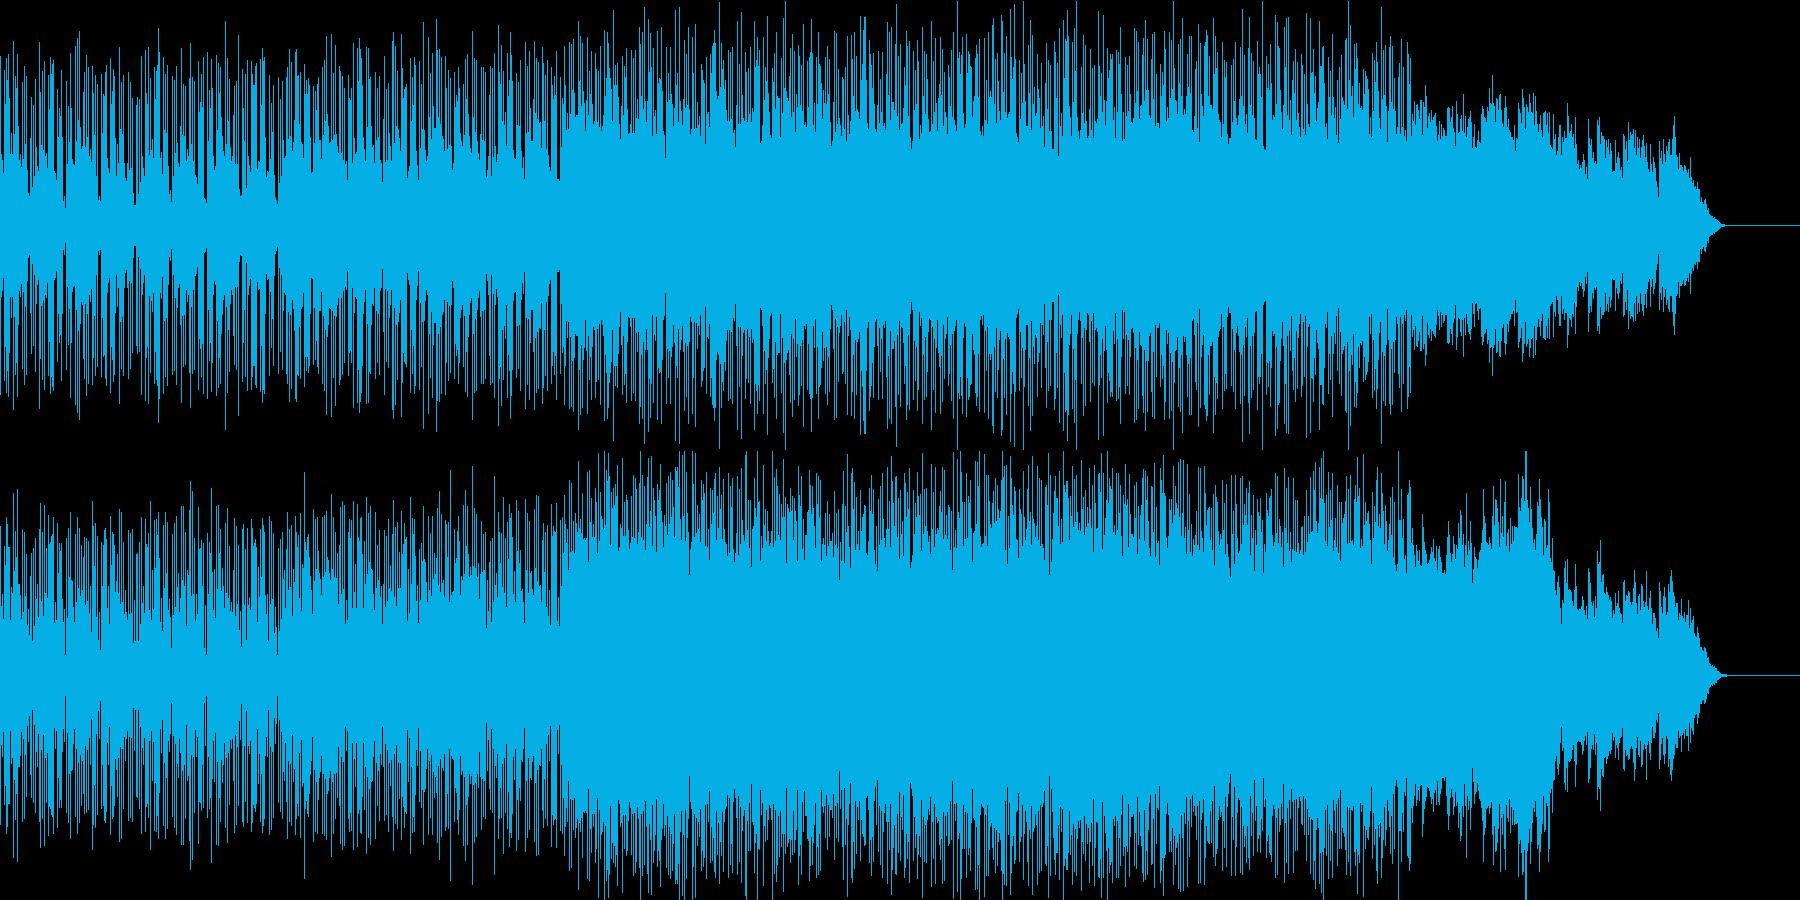 星空のドリーミーな雰囲気のテクノBGMの再生済みの波形